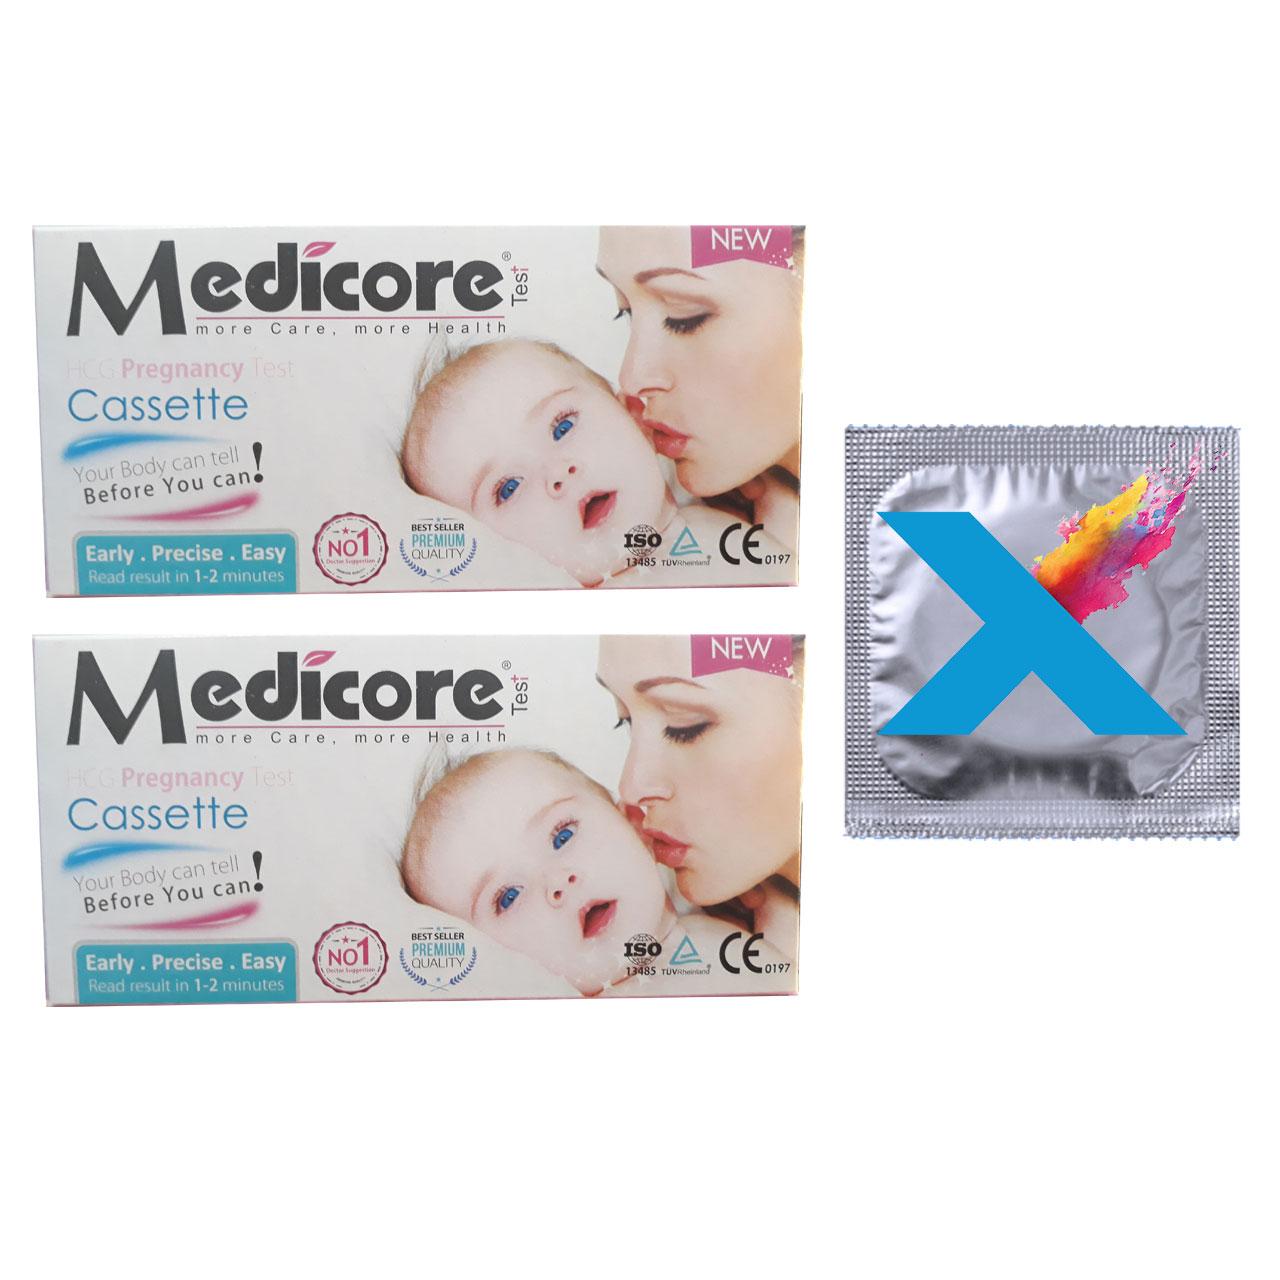 بی بی چک مدیکور مدل Cassette ۹۹.۸٪ مجموعه 2 عددی به همراه کاندوم مدل X